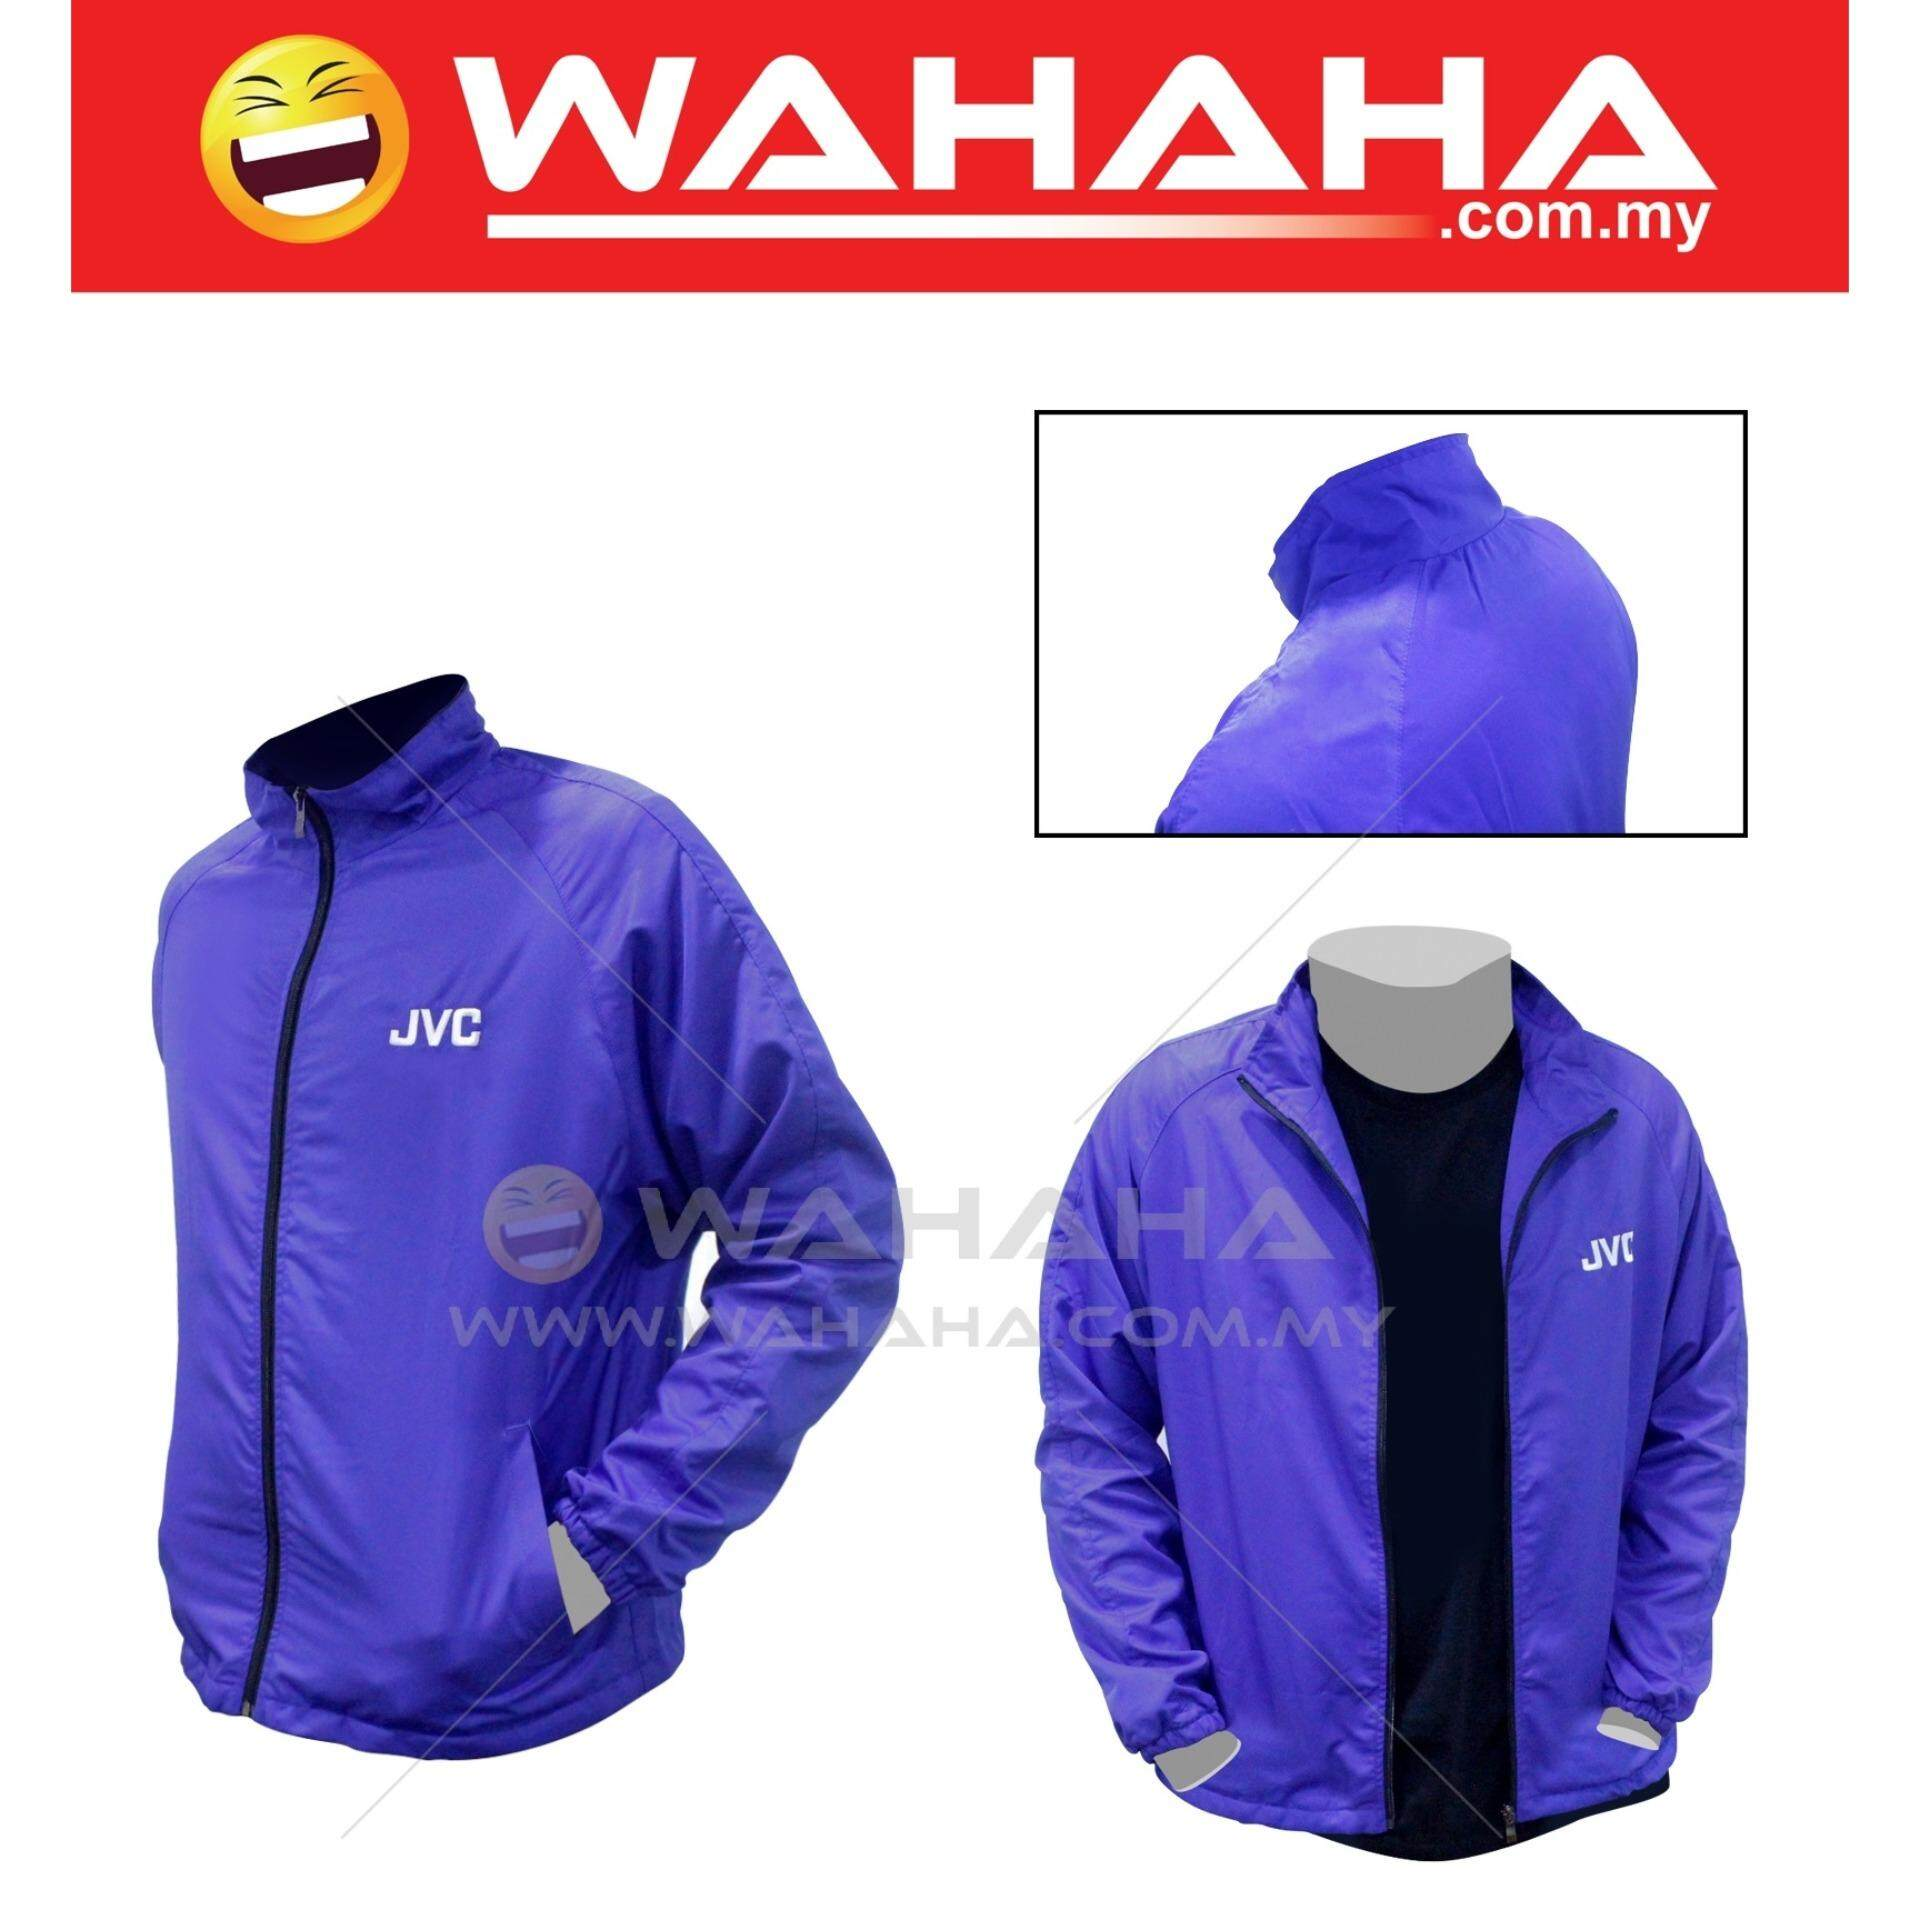 31e15feff63aa Men s Jackets   Coats - Buy Men s Jackets   Coats at Best Price in ...